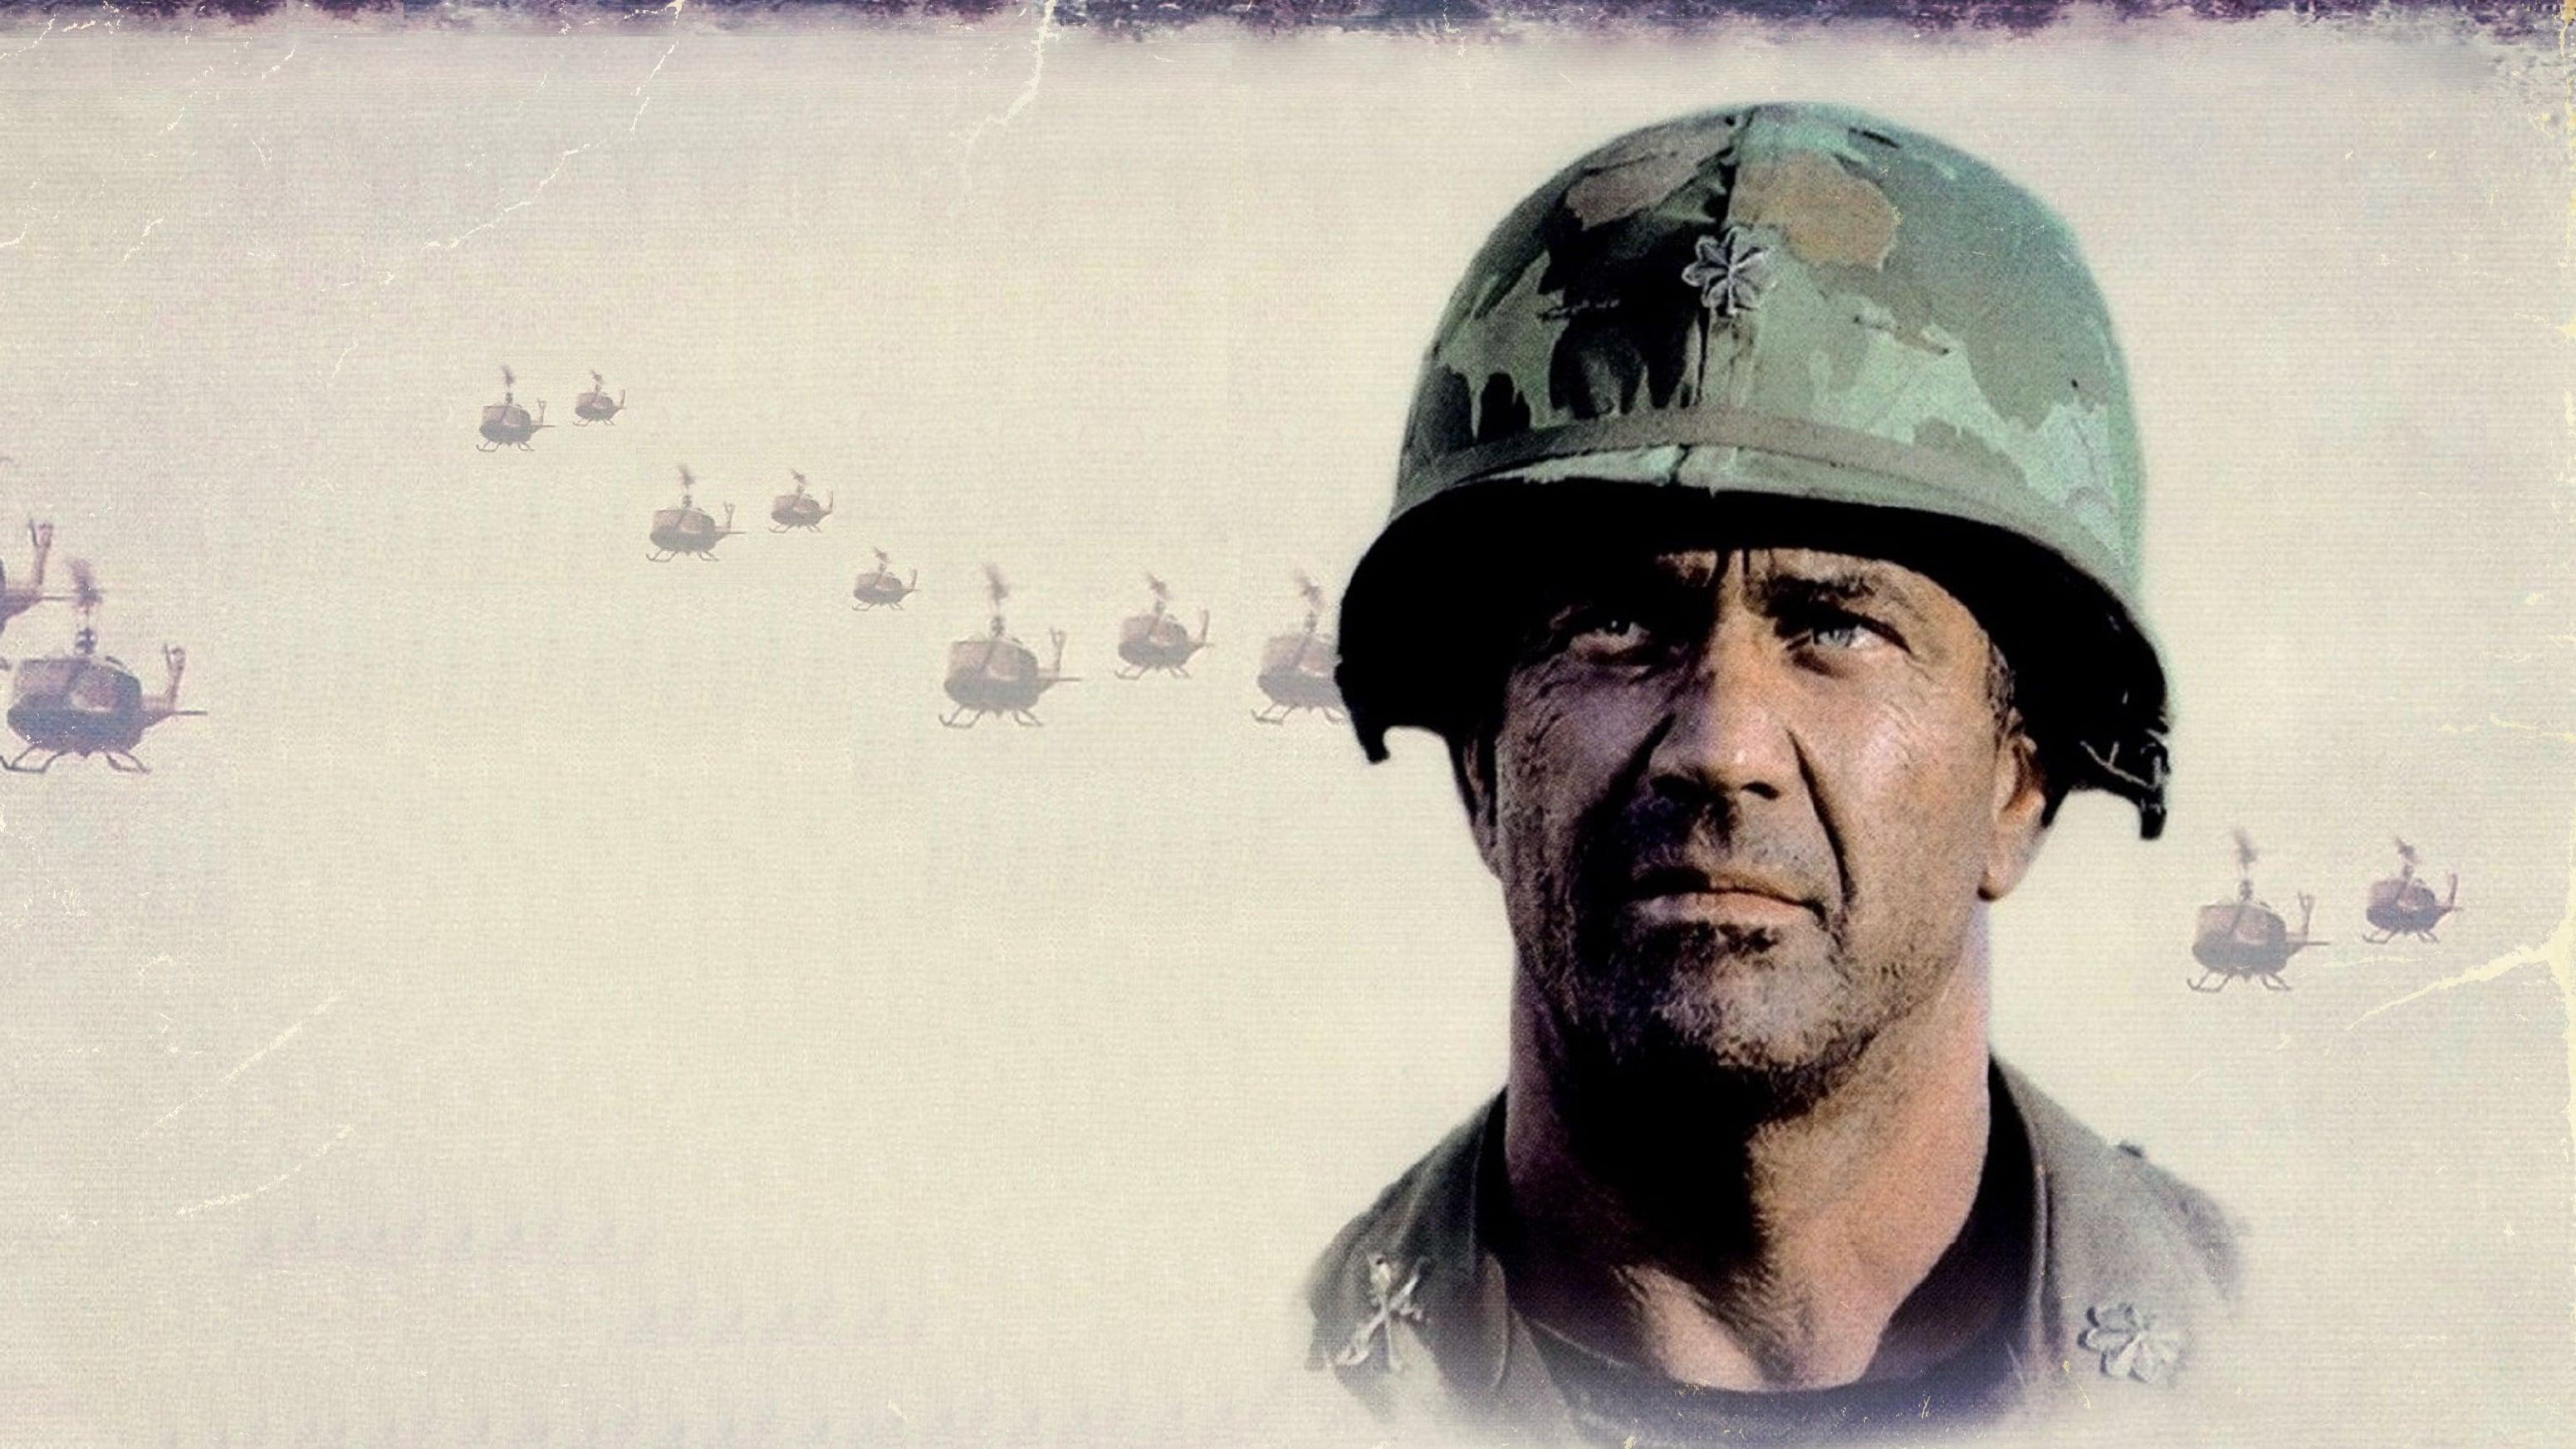 We Were Soldiers Trailer